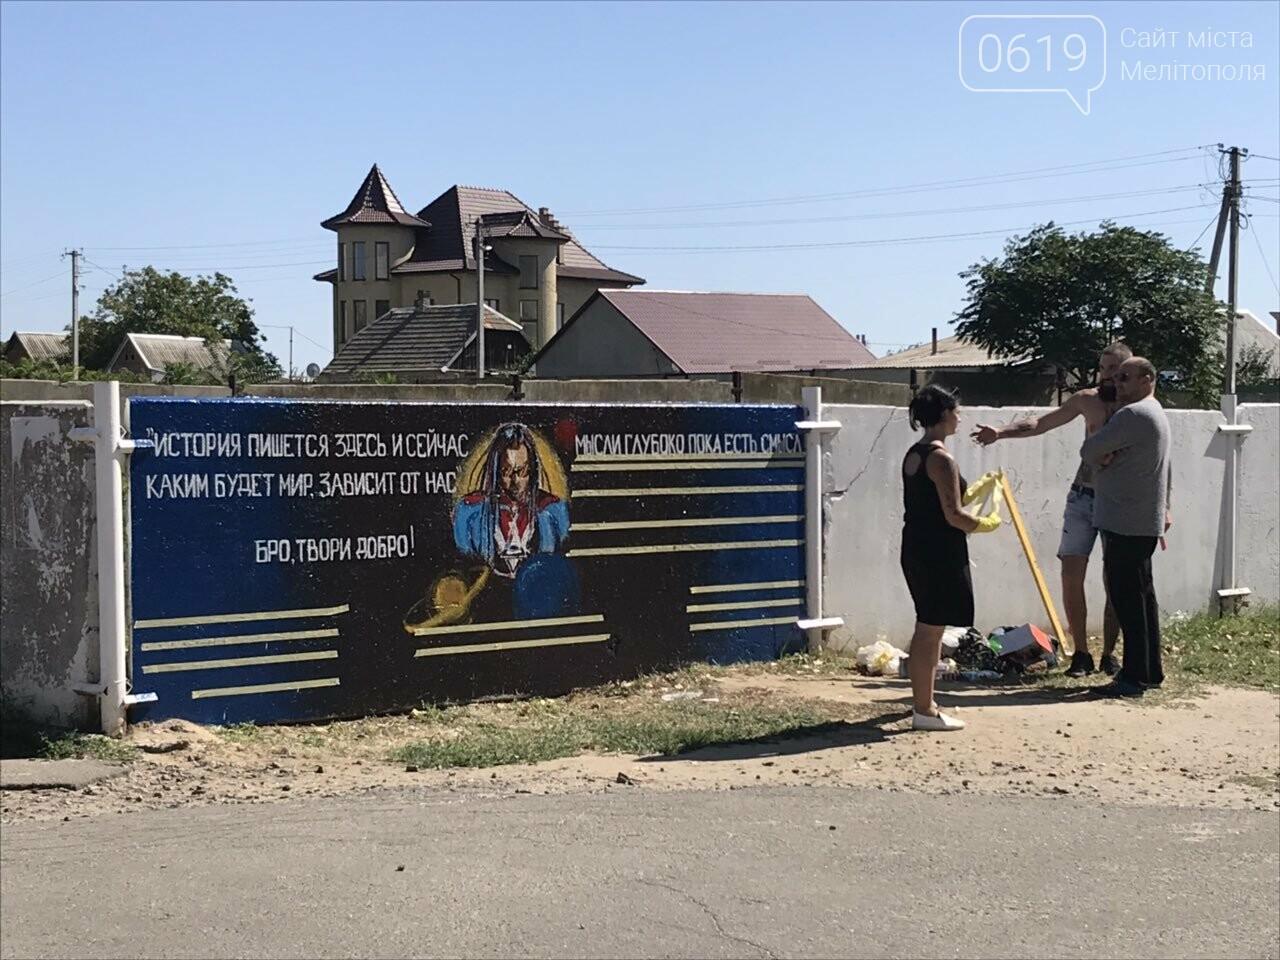 В Мелитополе появилась стена памяти известного рэпера, фото-1